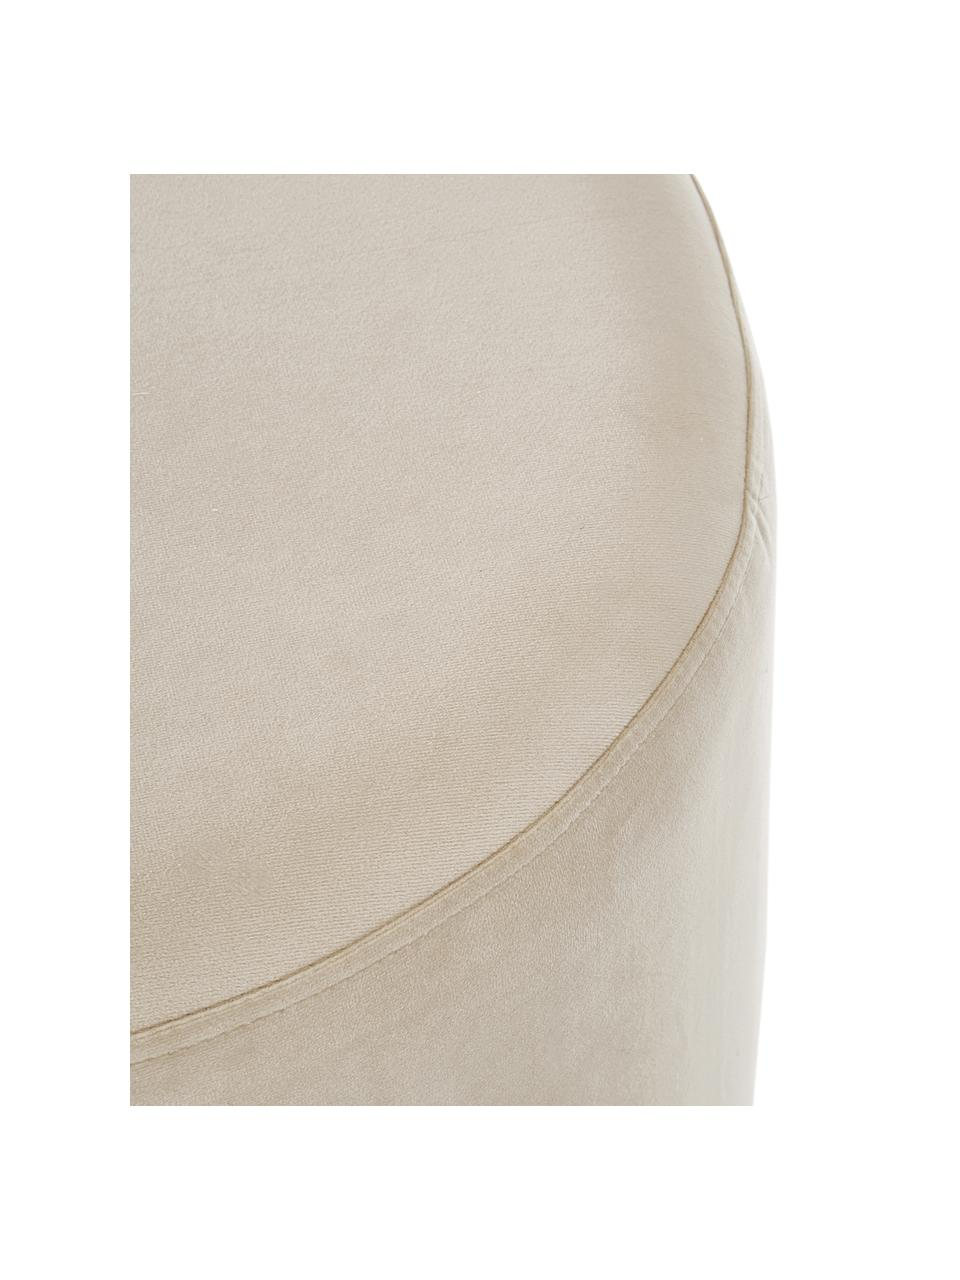 Fluwelen poef Daisy in beige, Bekleding: fluweel (polyester), Frame: multiplex, Fluweel beige, Ø 38 x H 45 cm